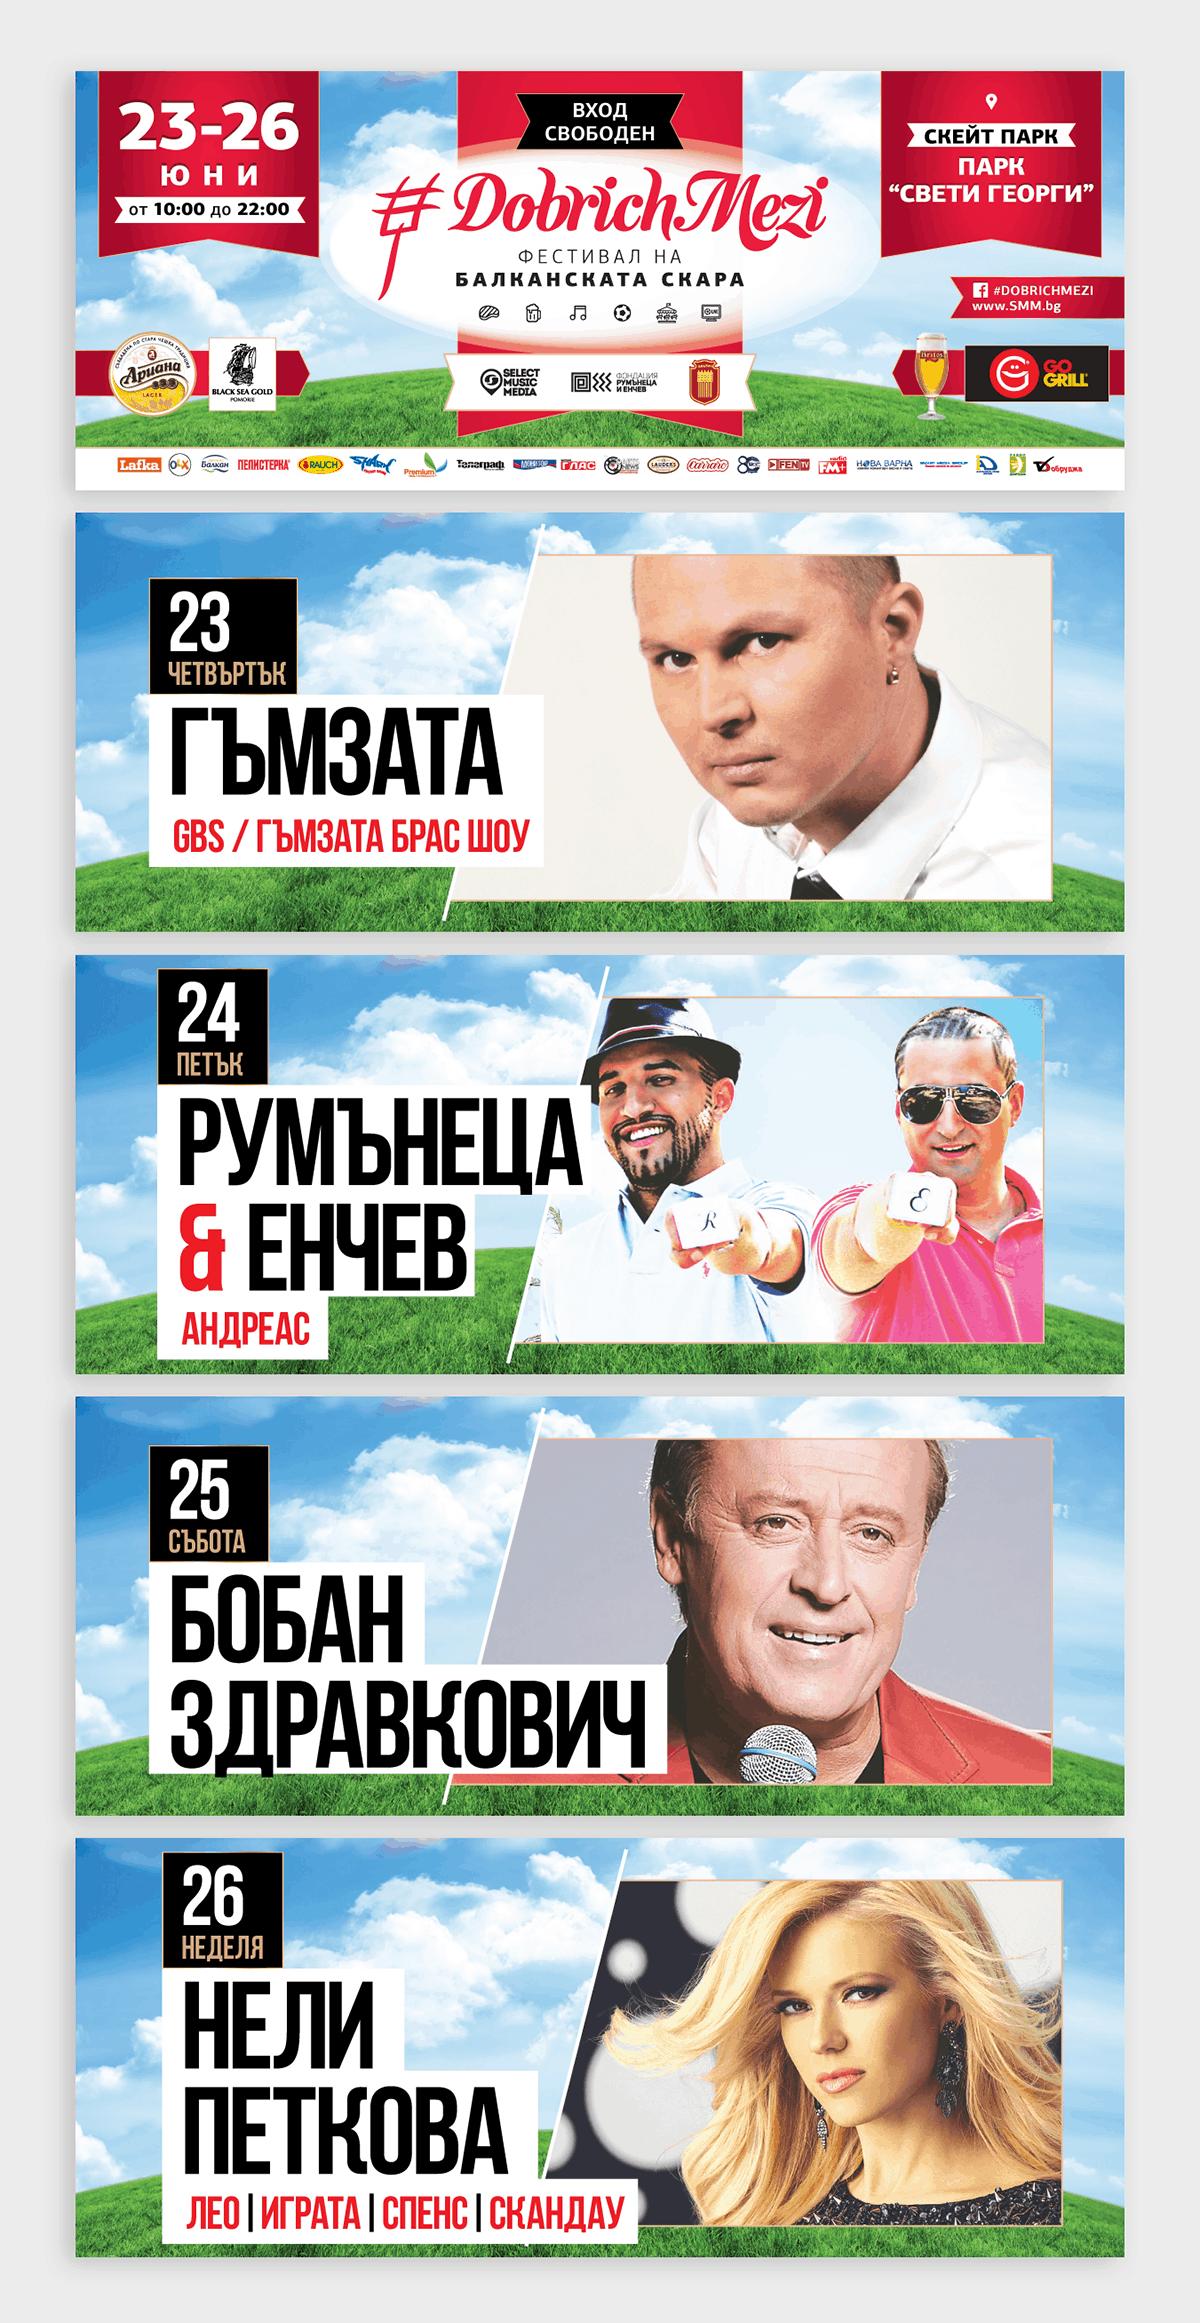 festival-balkanska-skara-design-muse-12